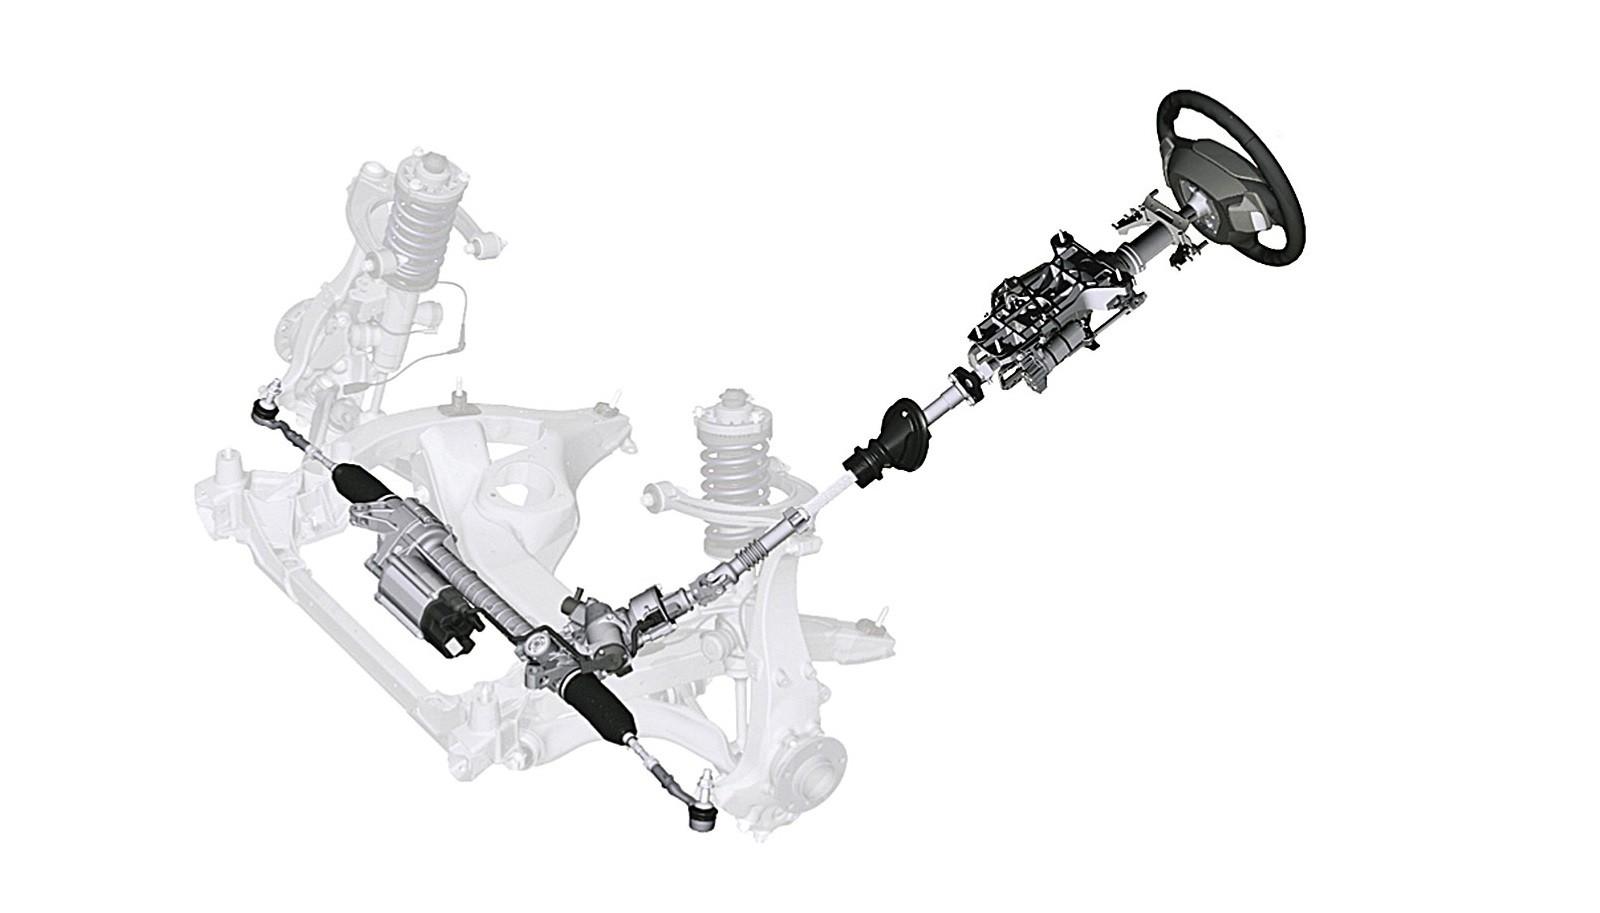 Tay lái trợ lực điện - Altis 1.8 E MT [hienthinam] số sàn: khuyến mãi và giá xe cập nhật mới